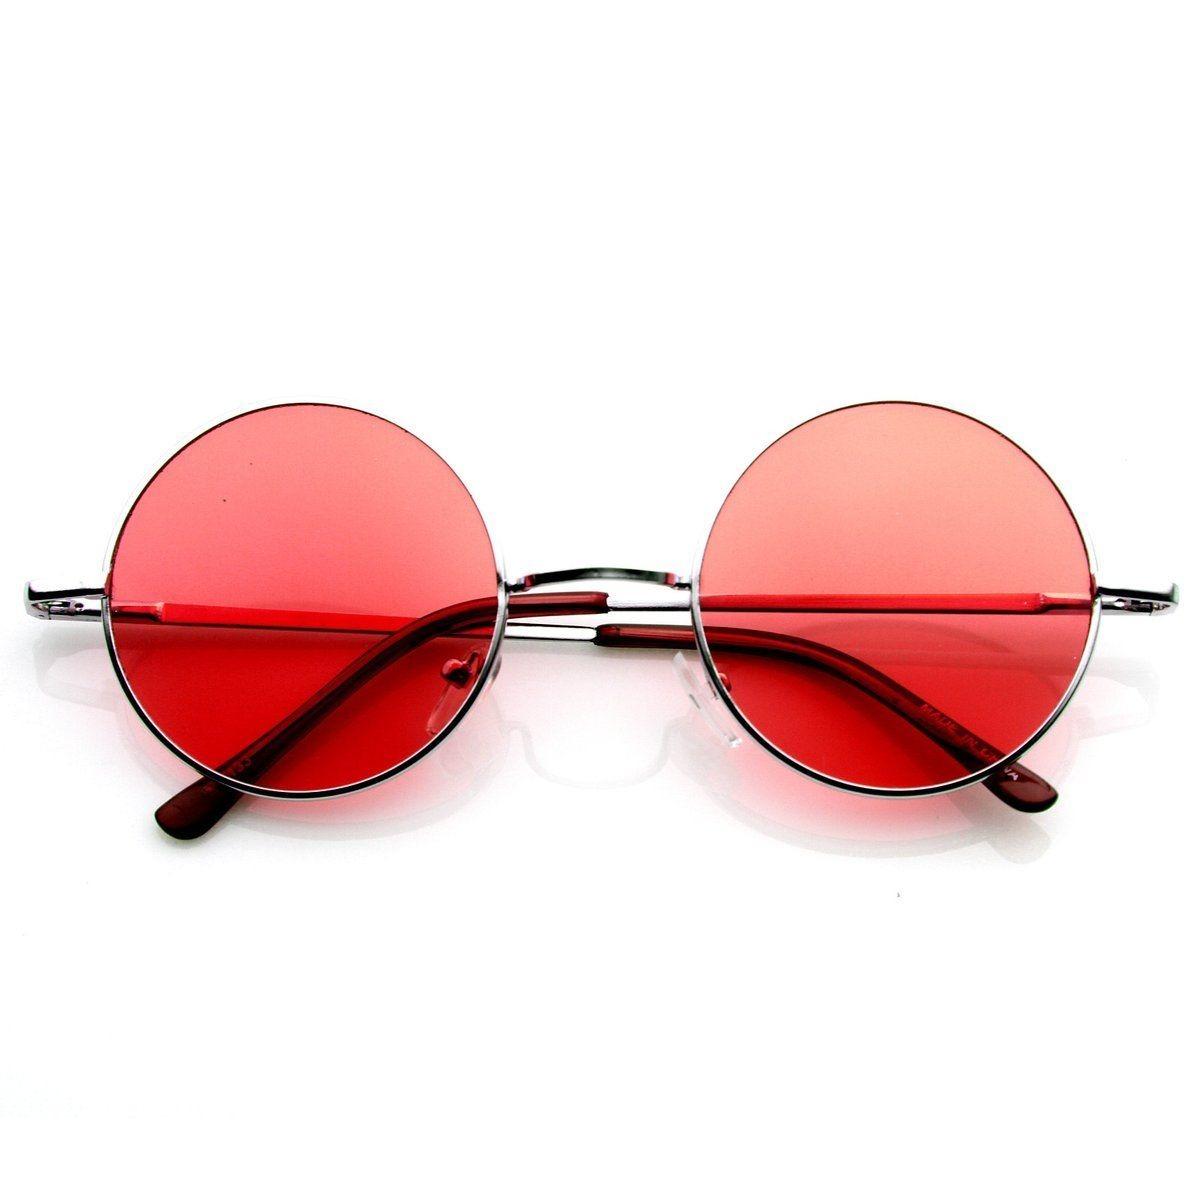 9739799c8df49 Óculos De Sol Redondo Estilo Ozzy John Lennon,vermelho - R  27,99 em ...